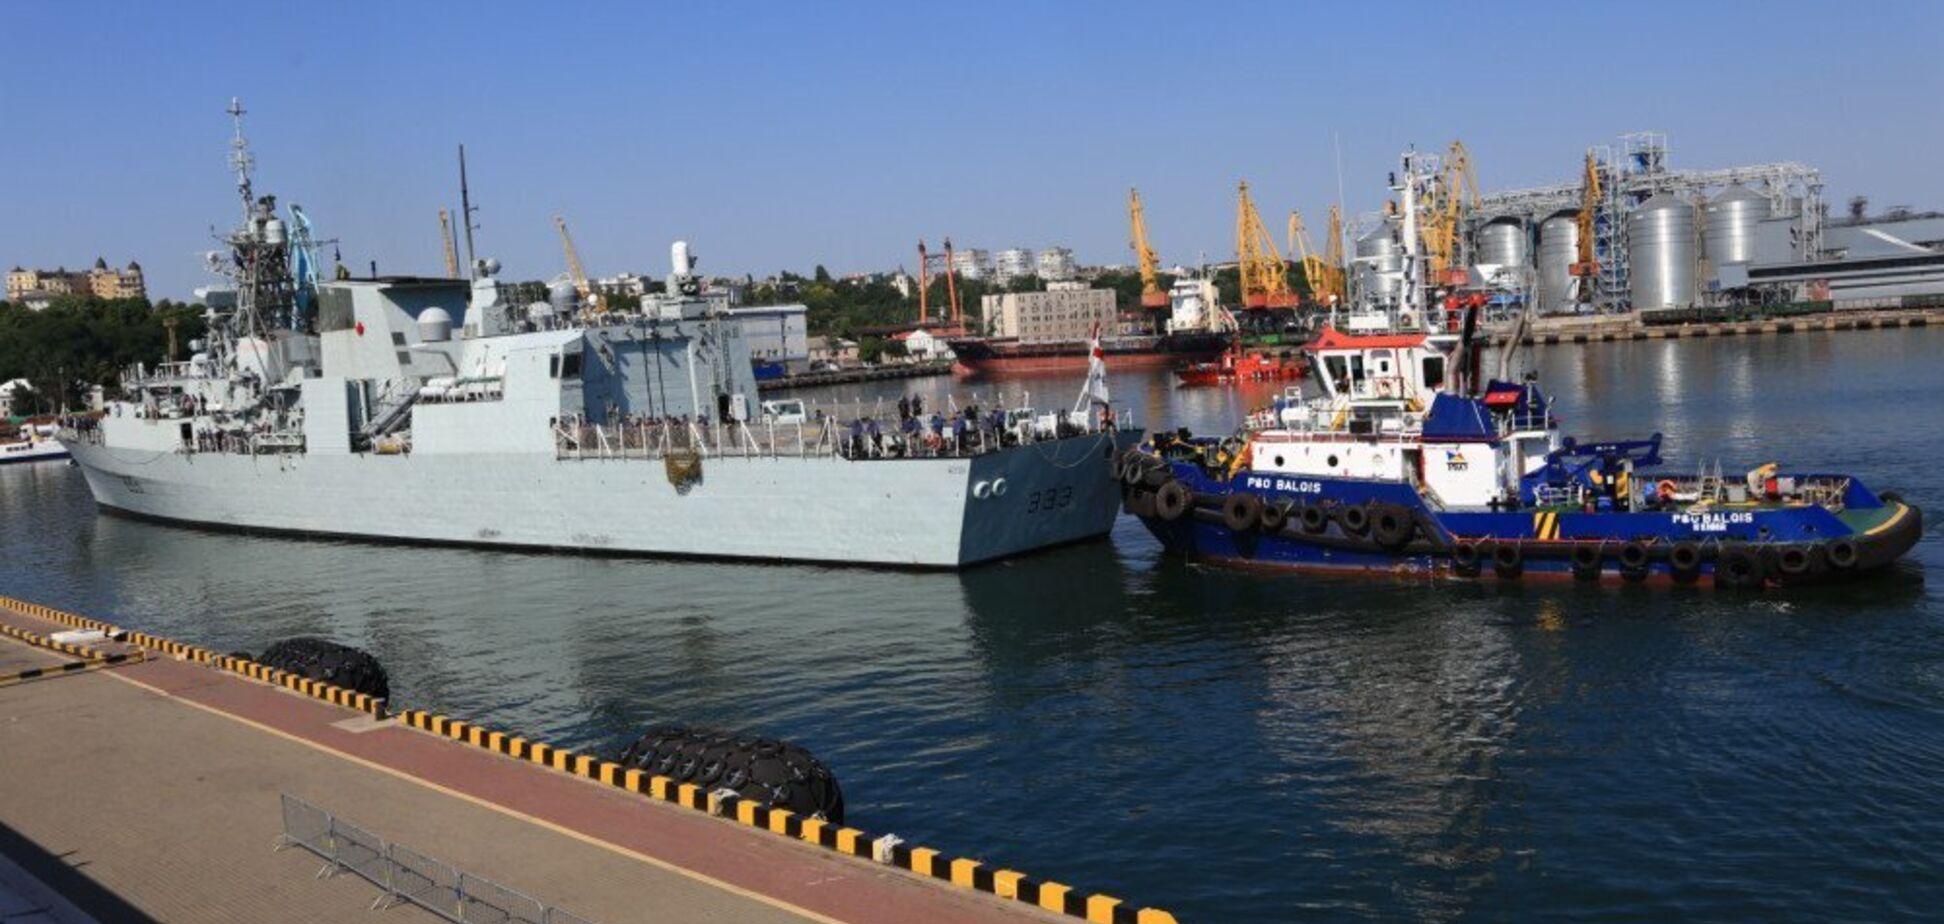 'Підірвемо морвокзал!' В Одесі почався терор через кораблі НАТО